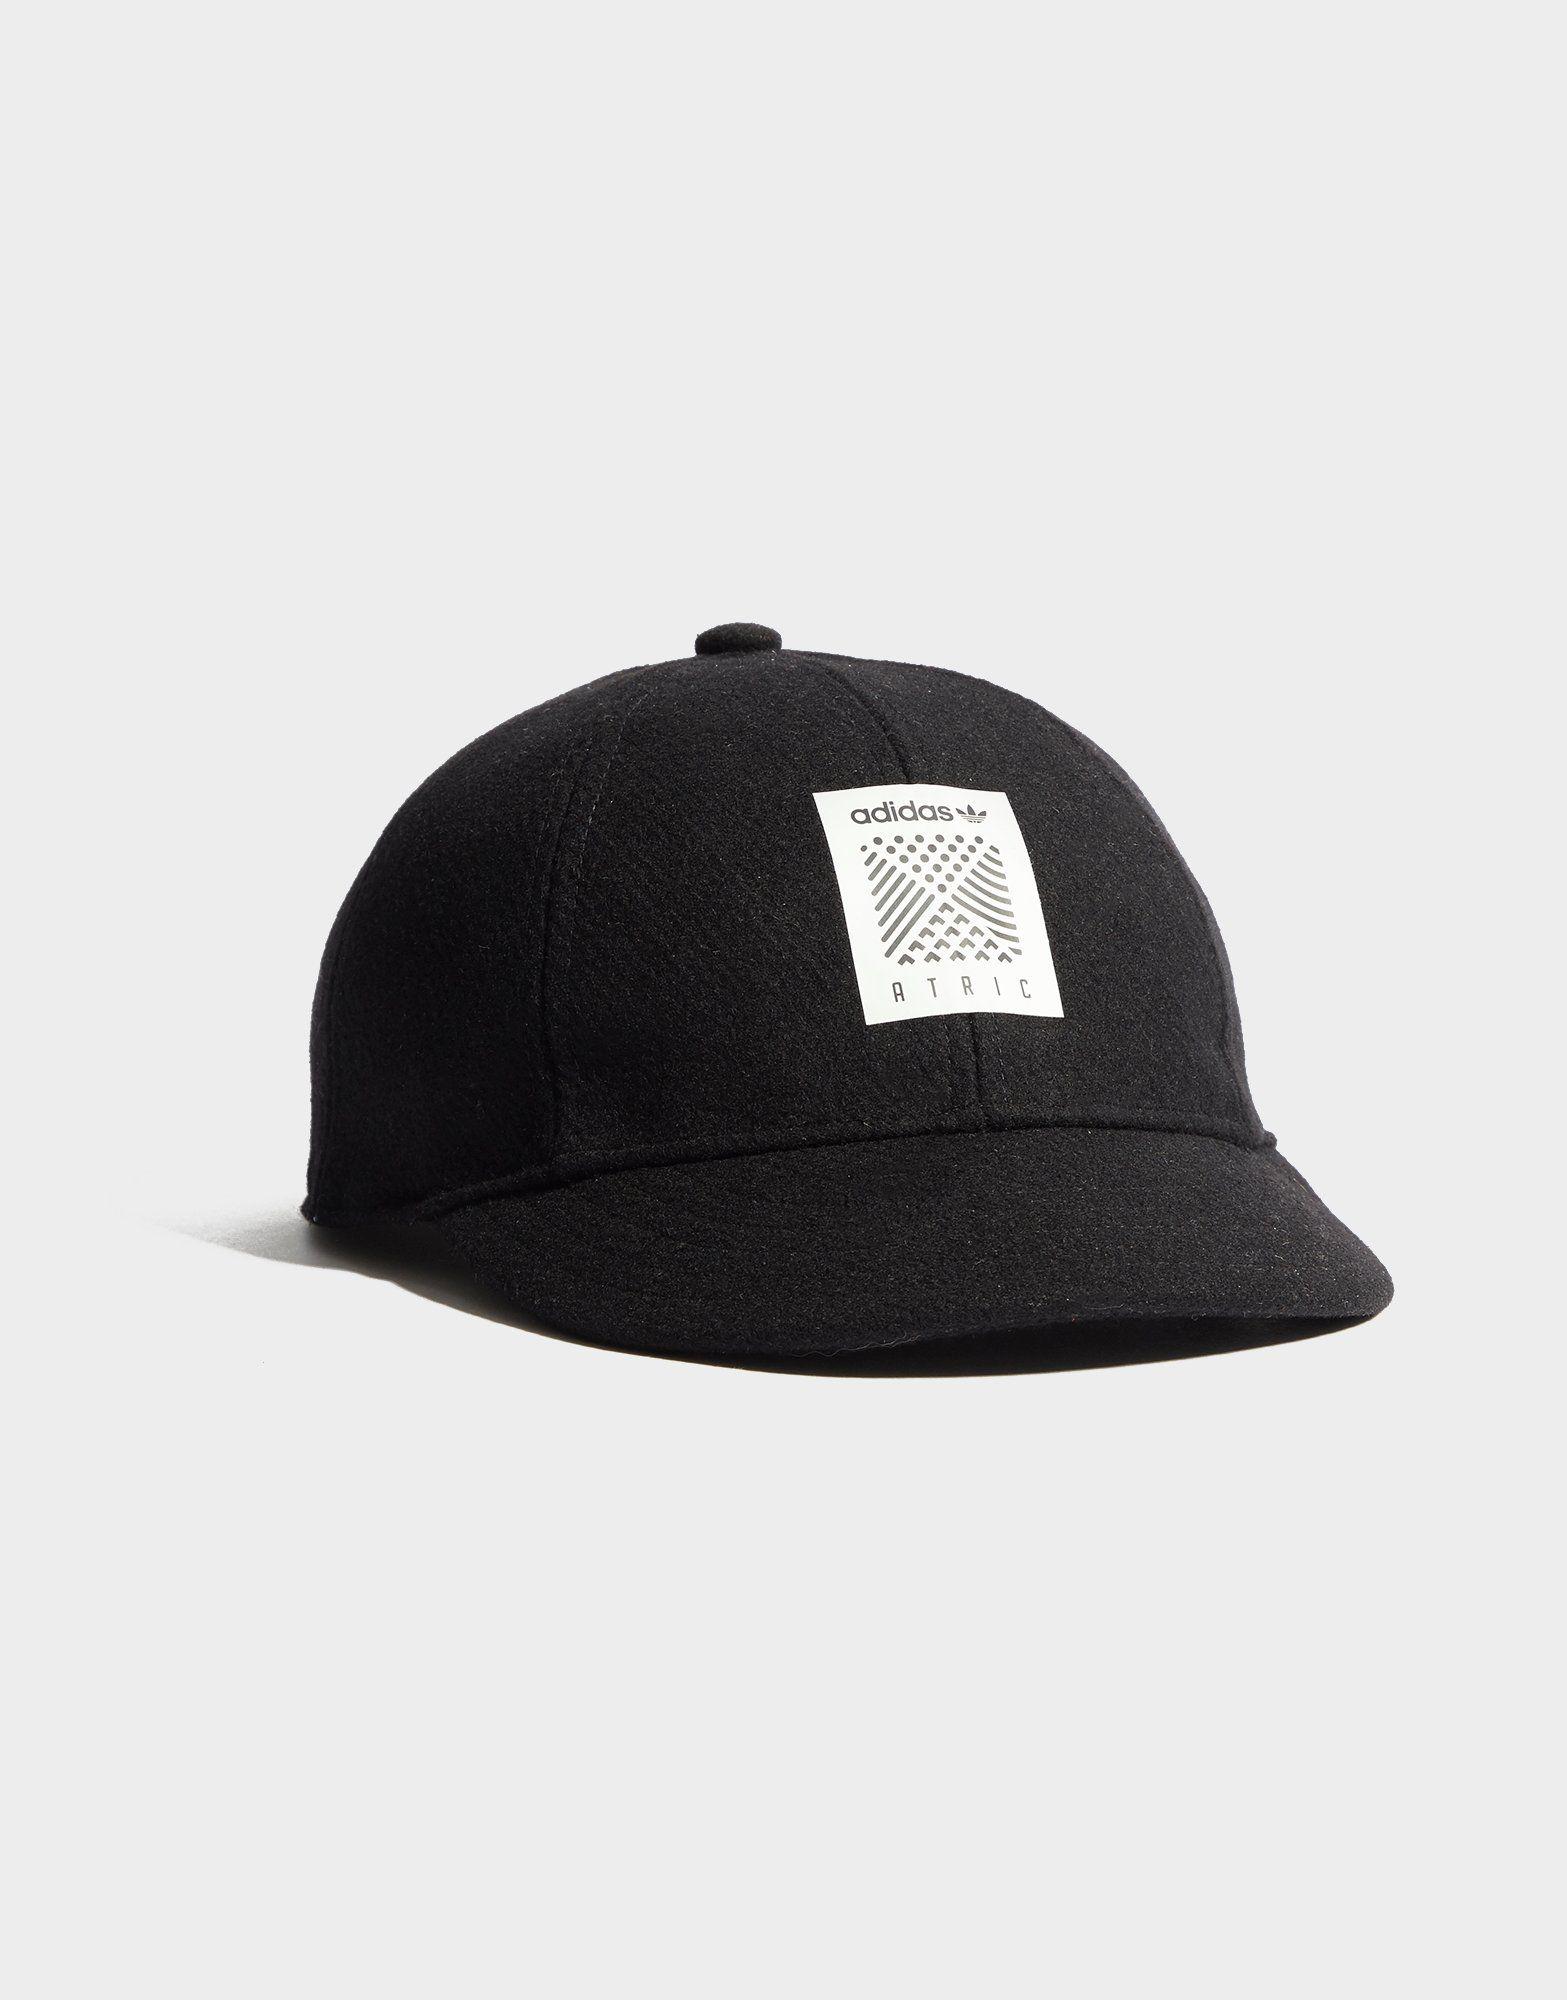 adidas Originals Atric Baseball Cap  3fa55014fee